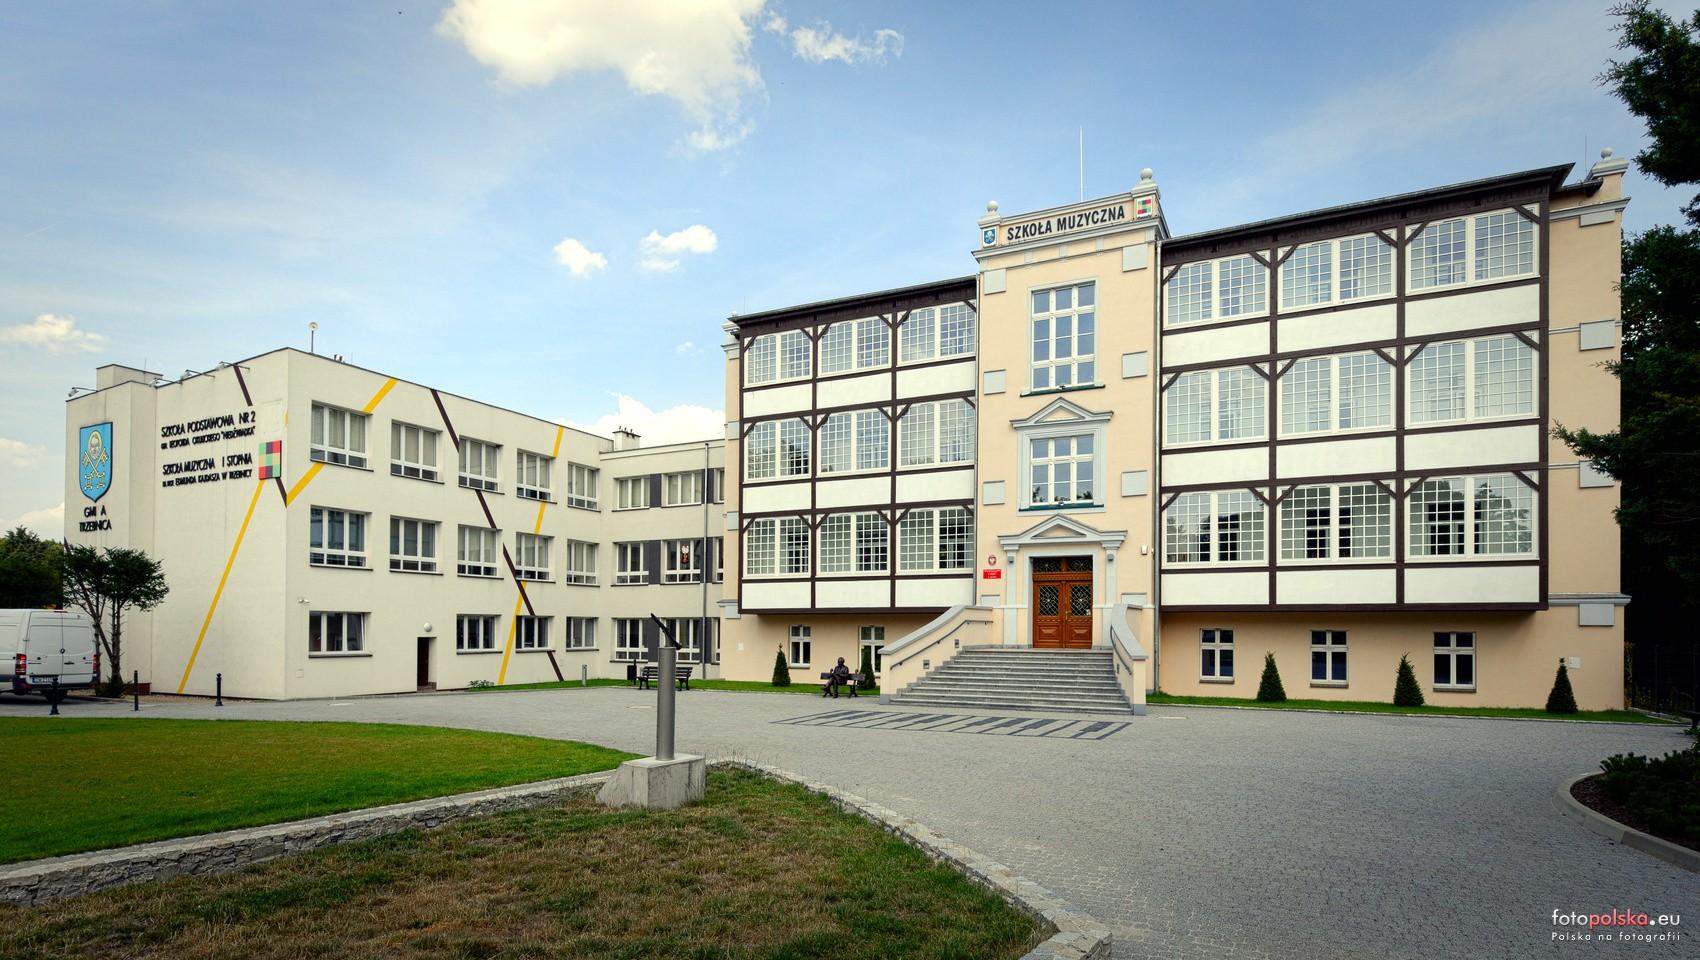 Województwo Dolnośląskie Zdjęcia